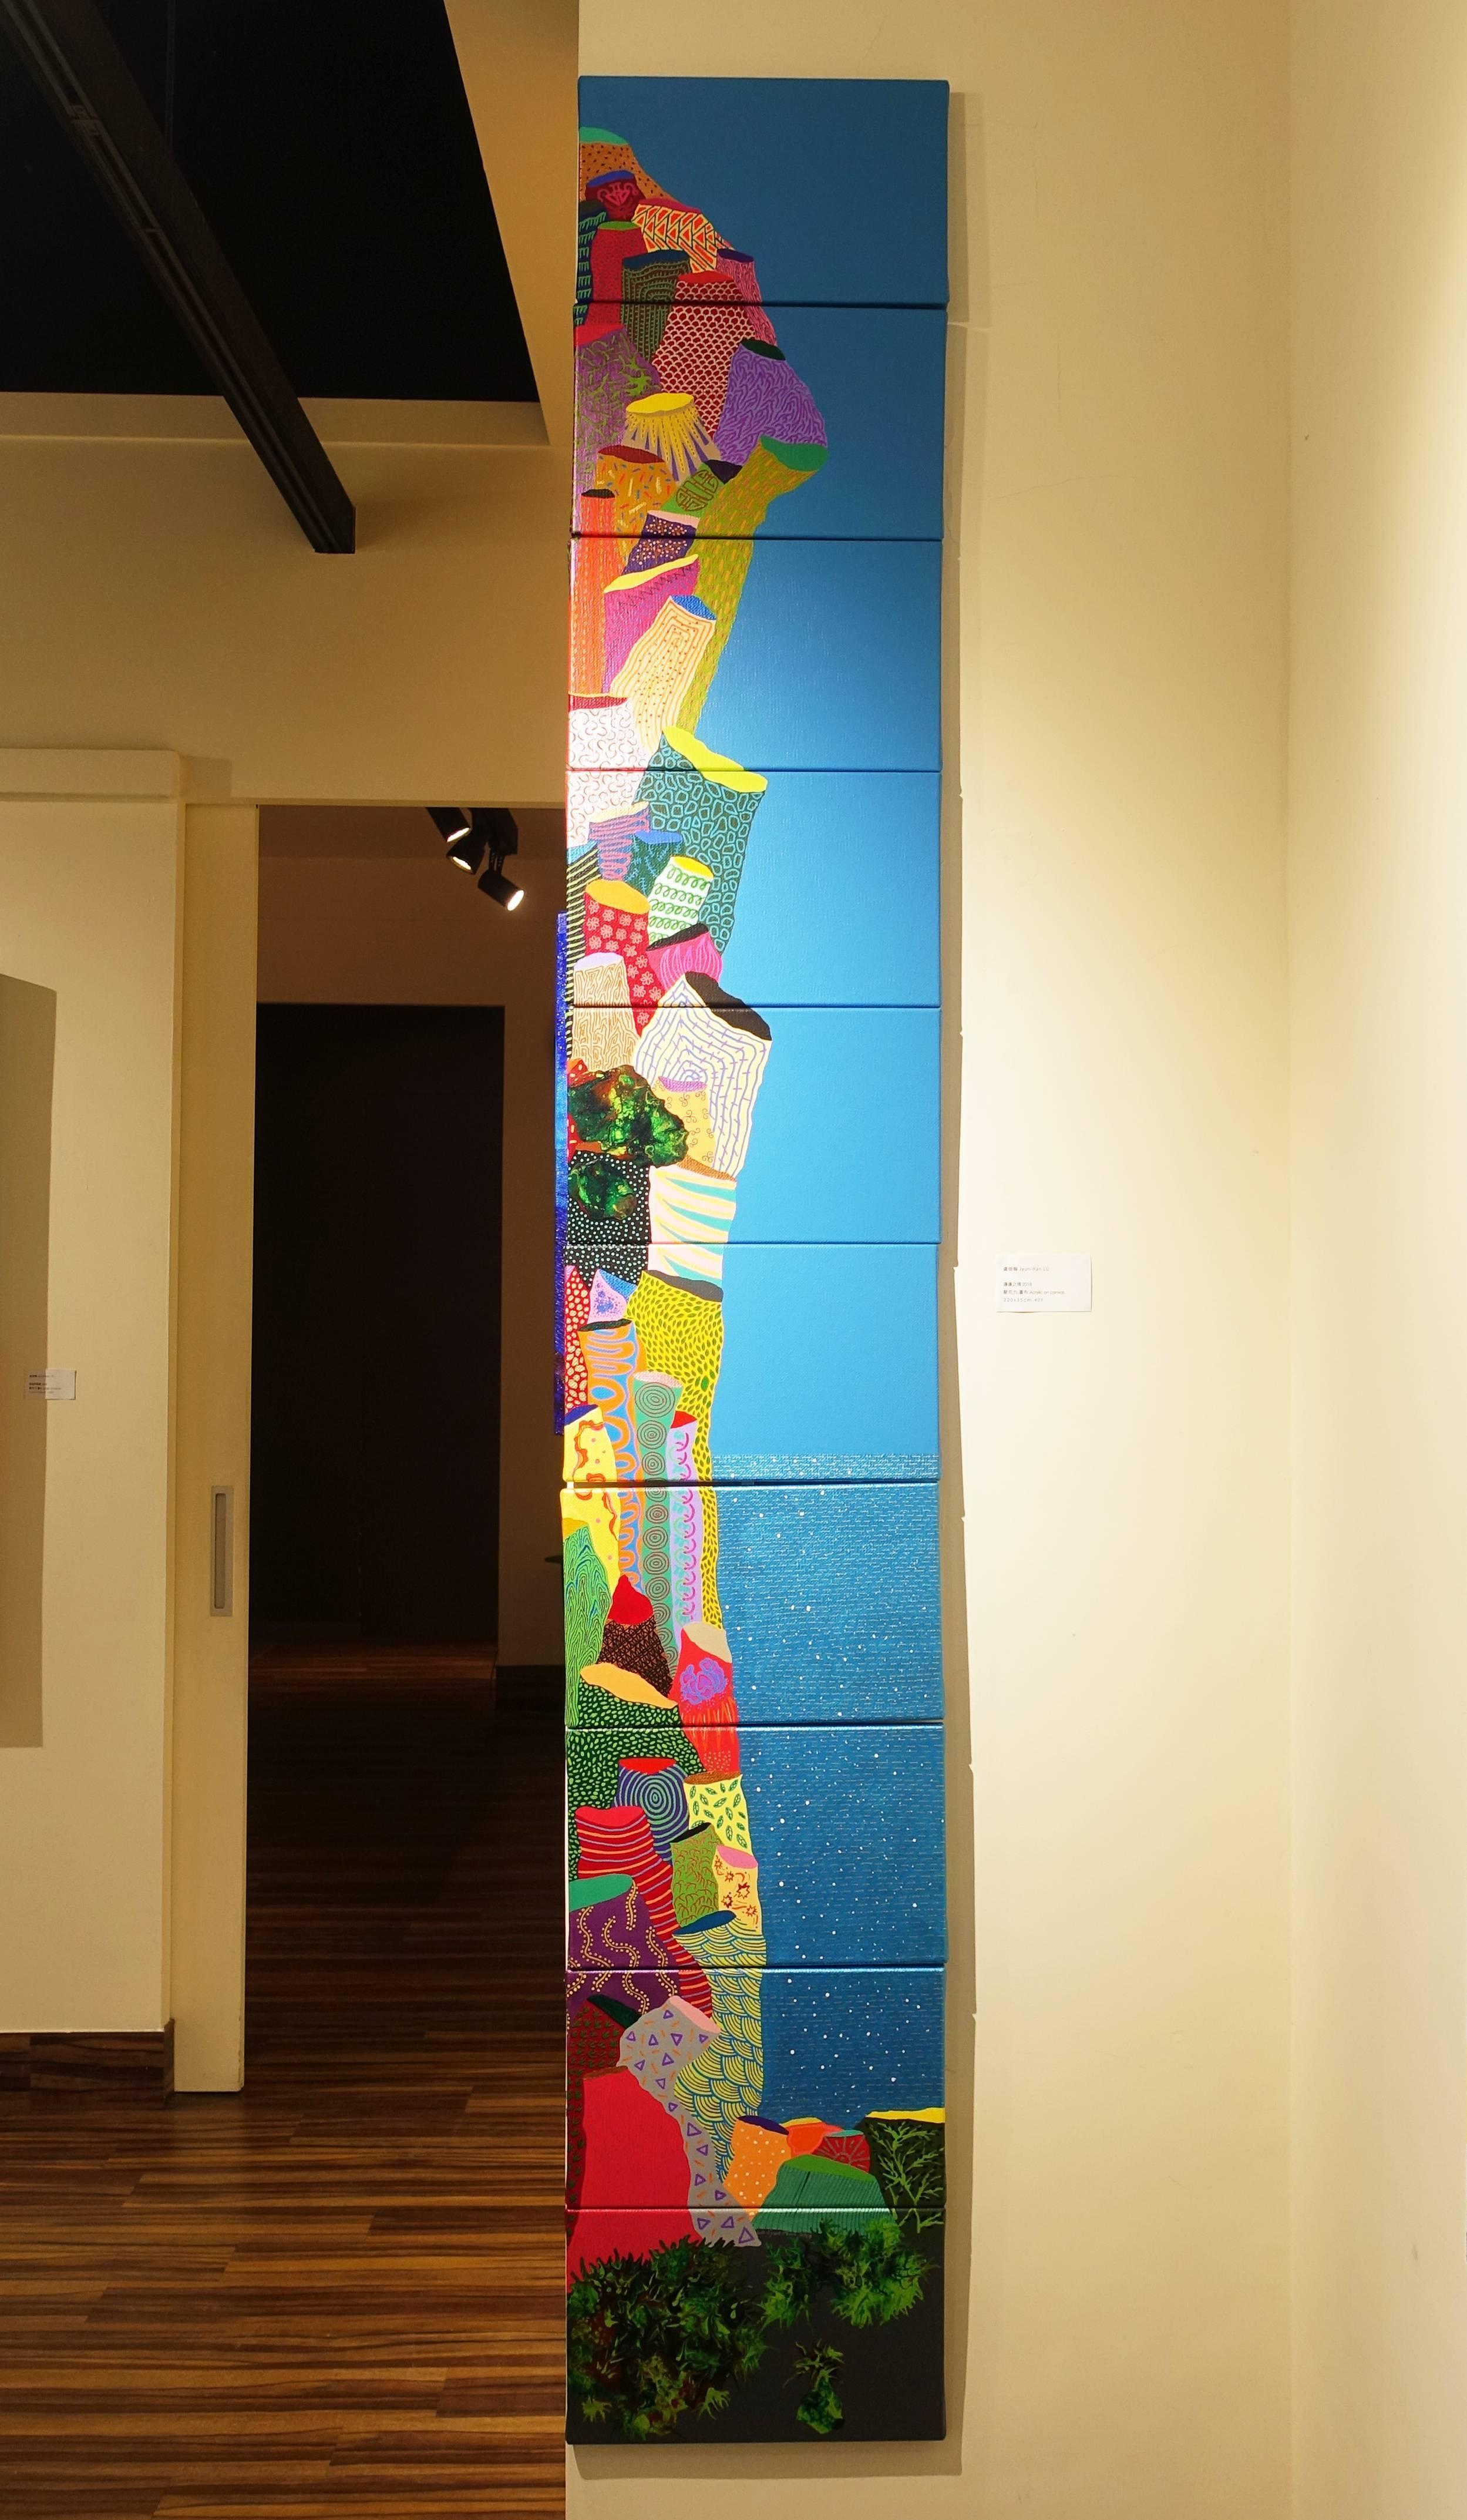 盧俊翰,《邊邊之境》,220 x 35 cm,壓克力,2018。